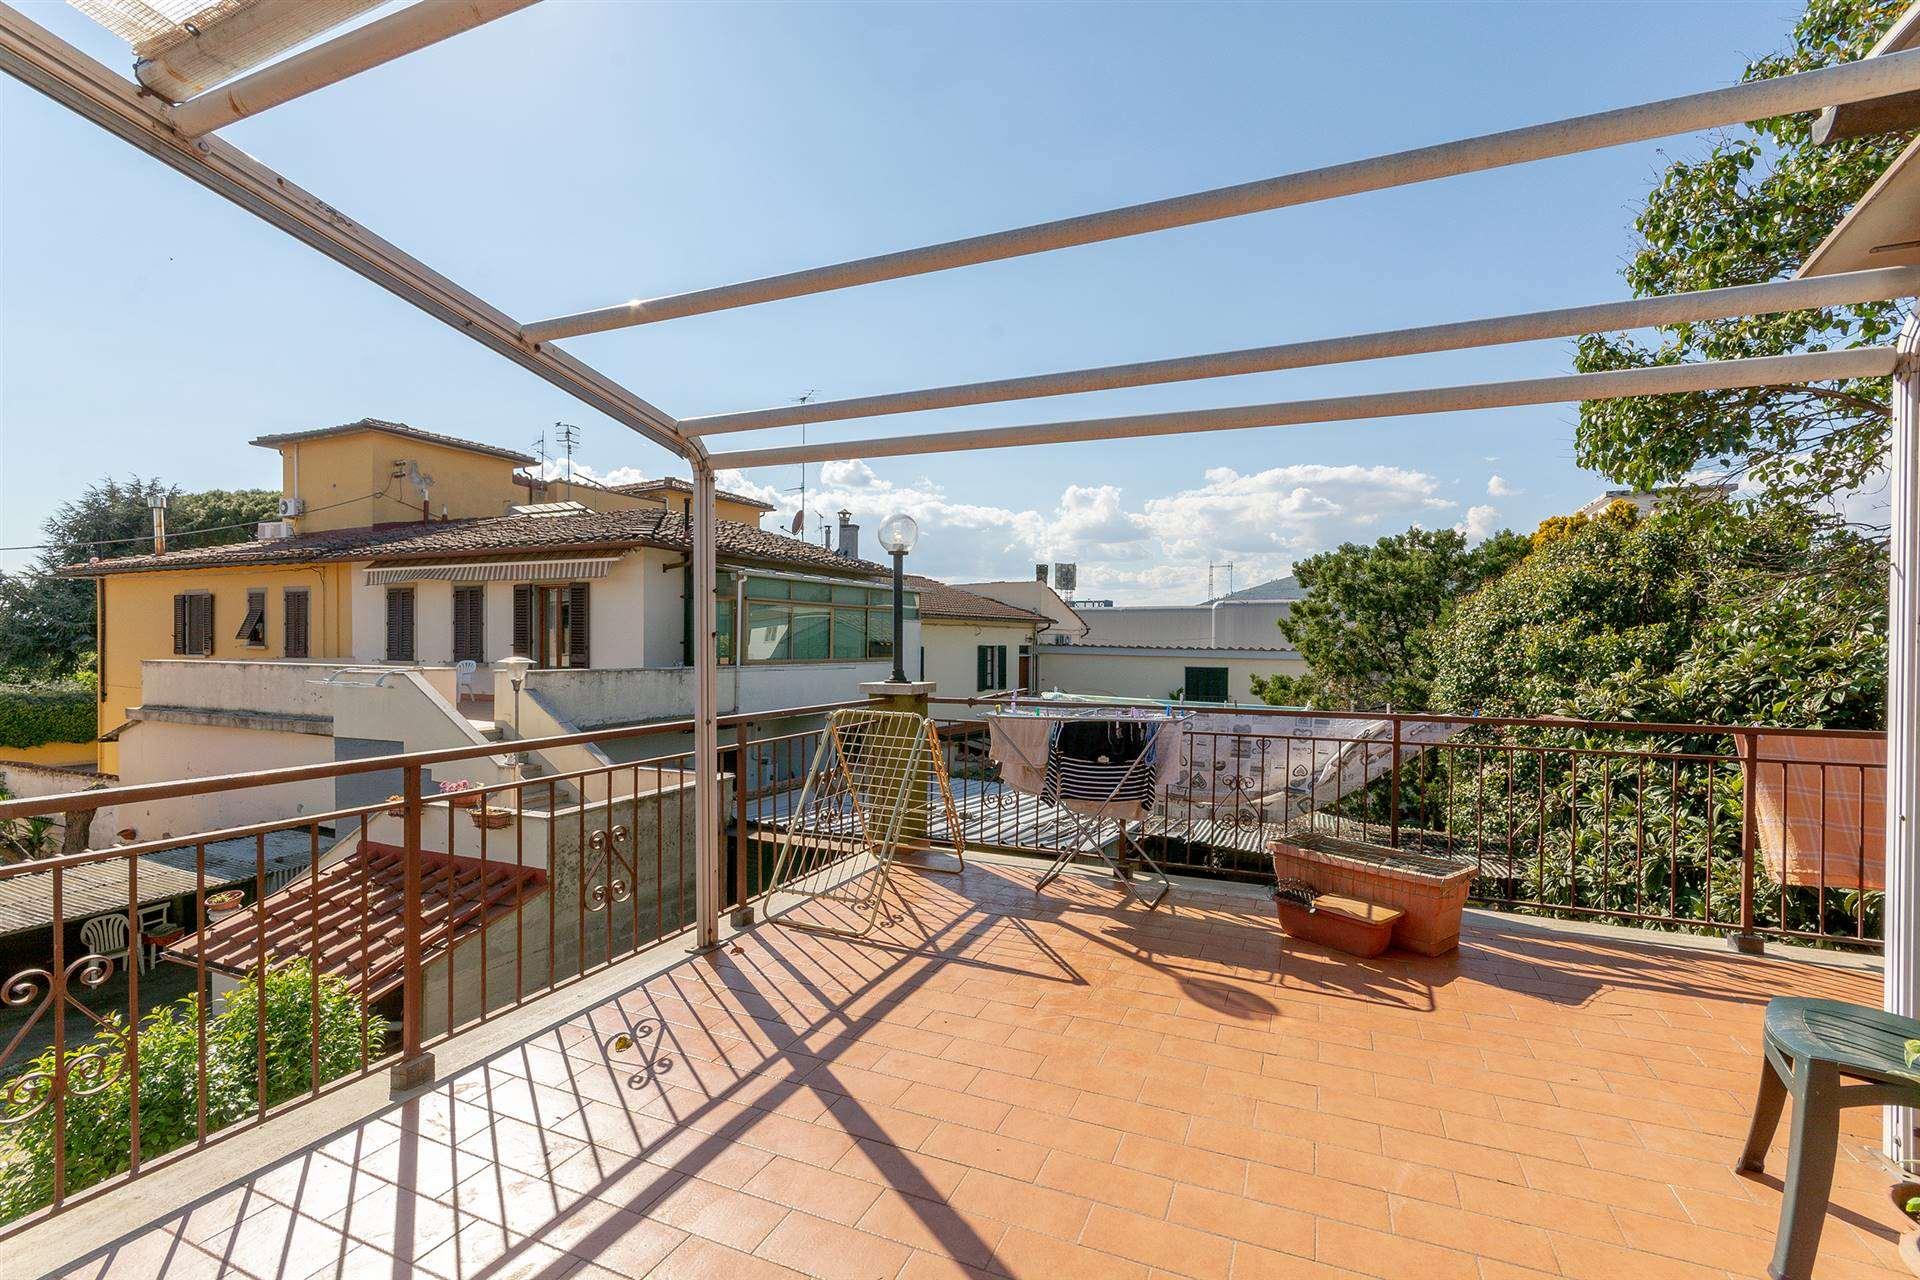 Appartamento in vendita a Calenzano, 5 locali, zona Località: BALDANZESE, prezzo € 330.000 | PortaleAgenzieImmobiliari.it